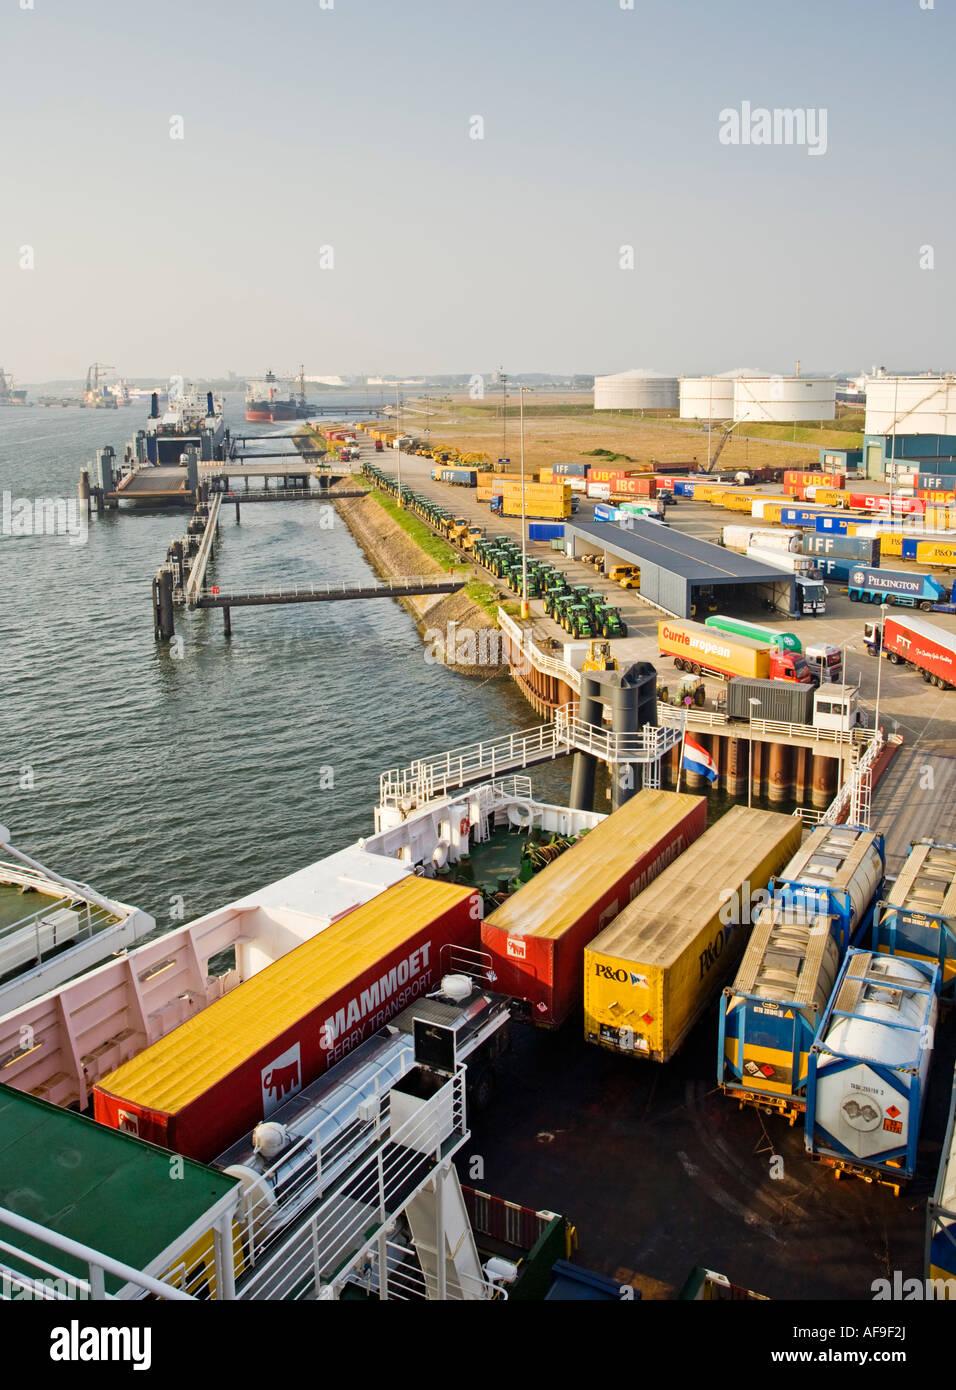 Europoort puerto de Rotterdam, Países Bajos, Europa con camiones de subir a bordo de un ferry Imagen De Stock